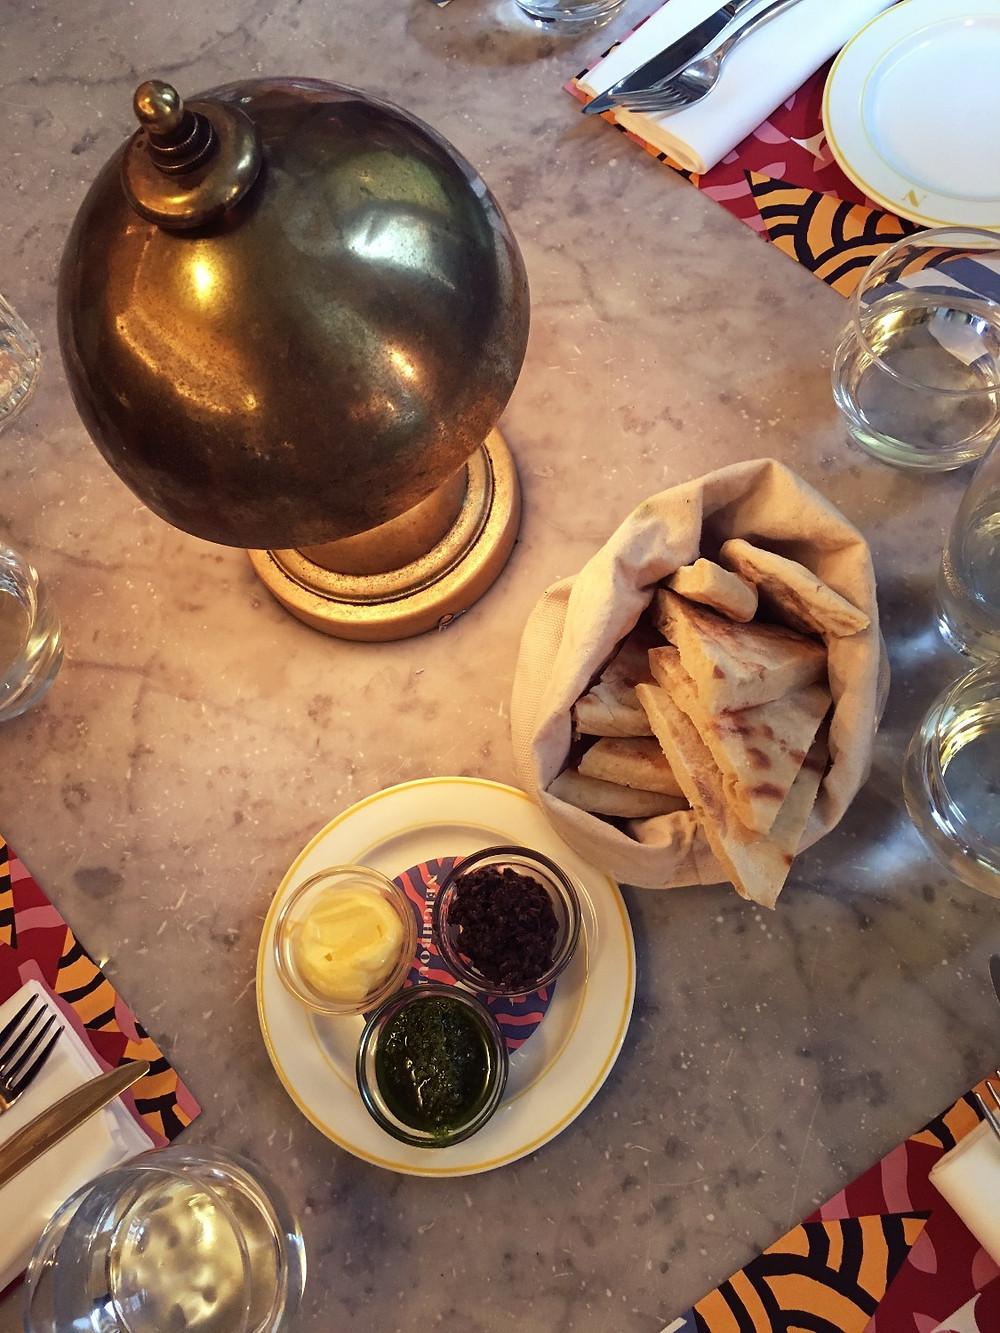 Hummus olive bread